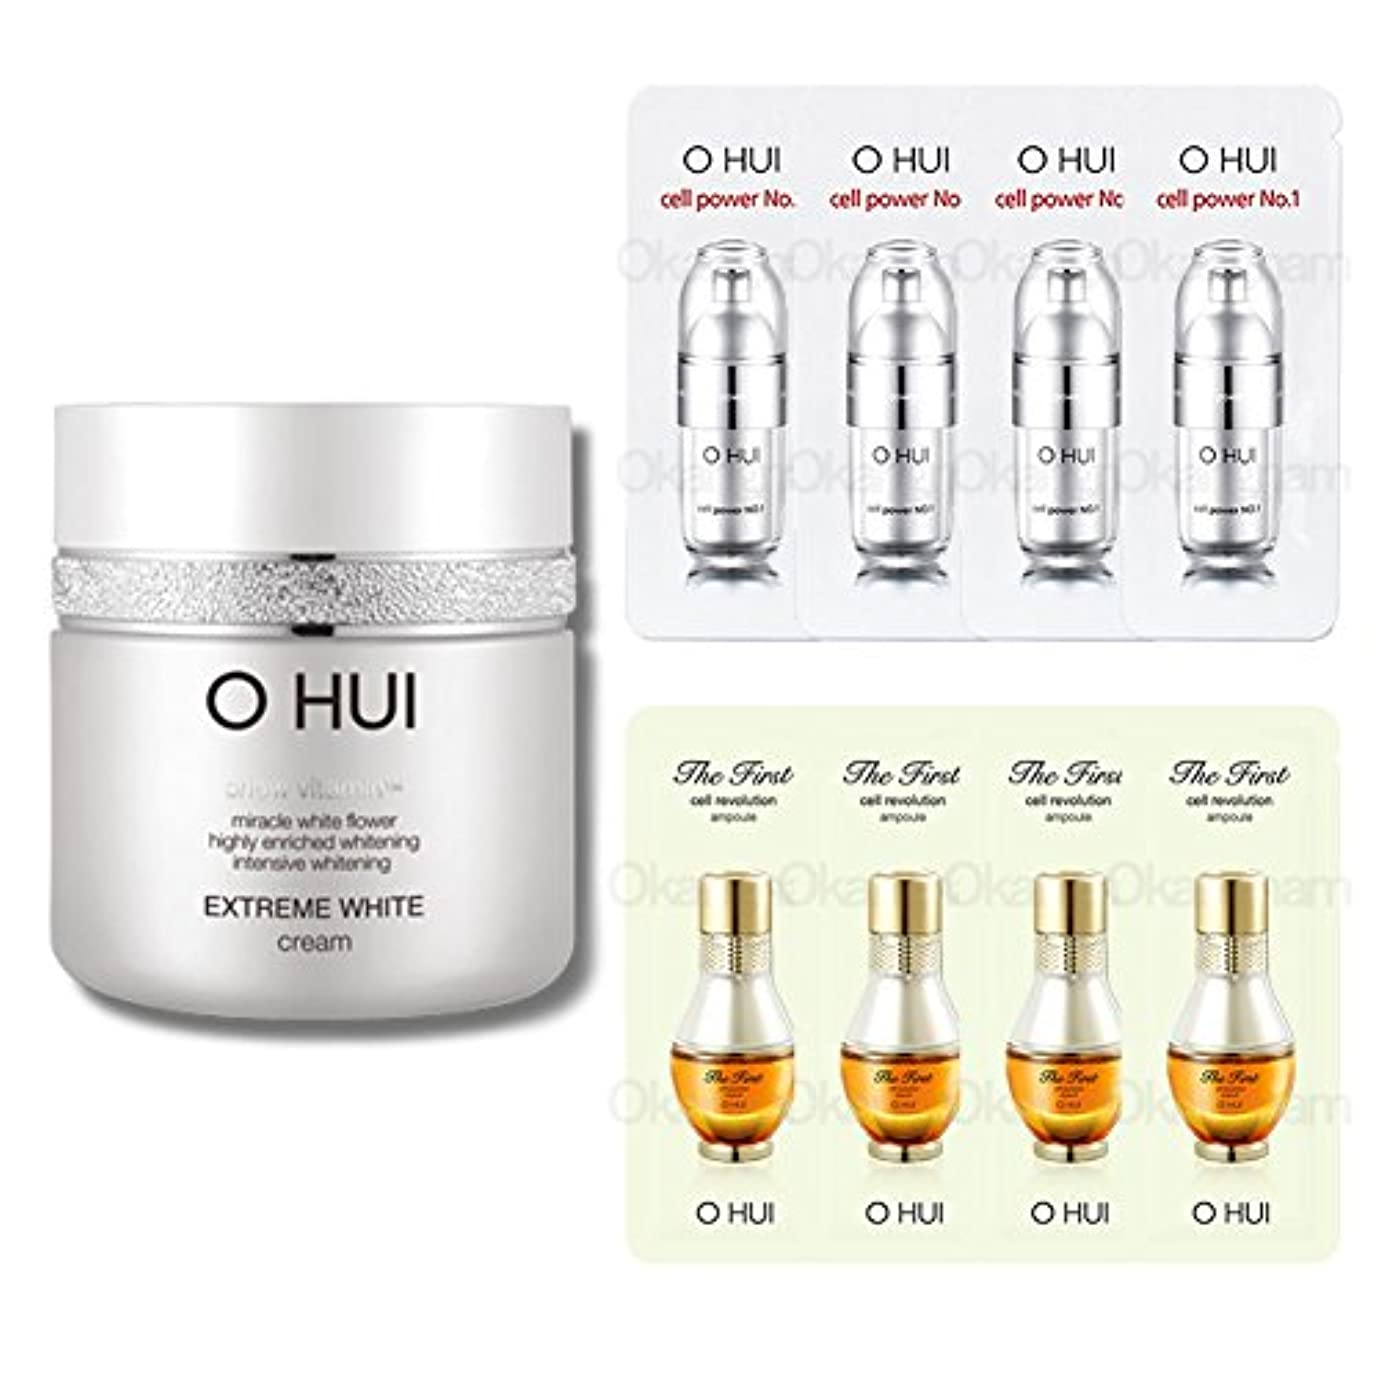 [オフィ/ O HUI]韓国化粧品 LG生活健康/ OHUI OEW04 EXTREME WHITE CREAM/オフィ エクストリーム ホワイトクリーム 50ml +[Sample Gift](海外直送品)